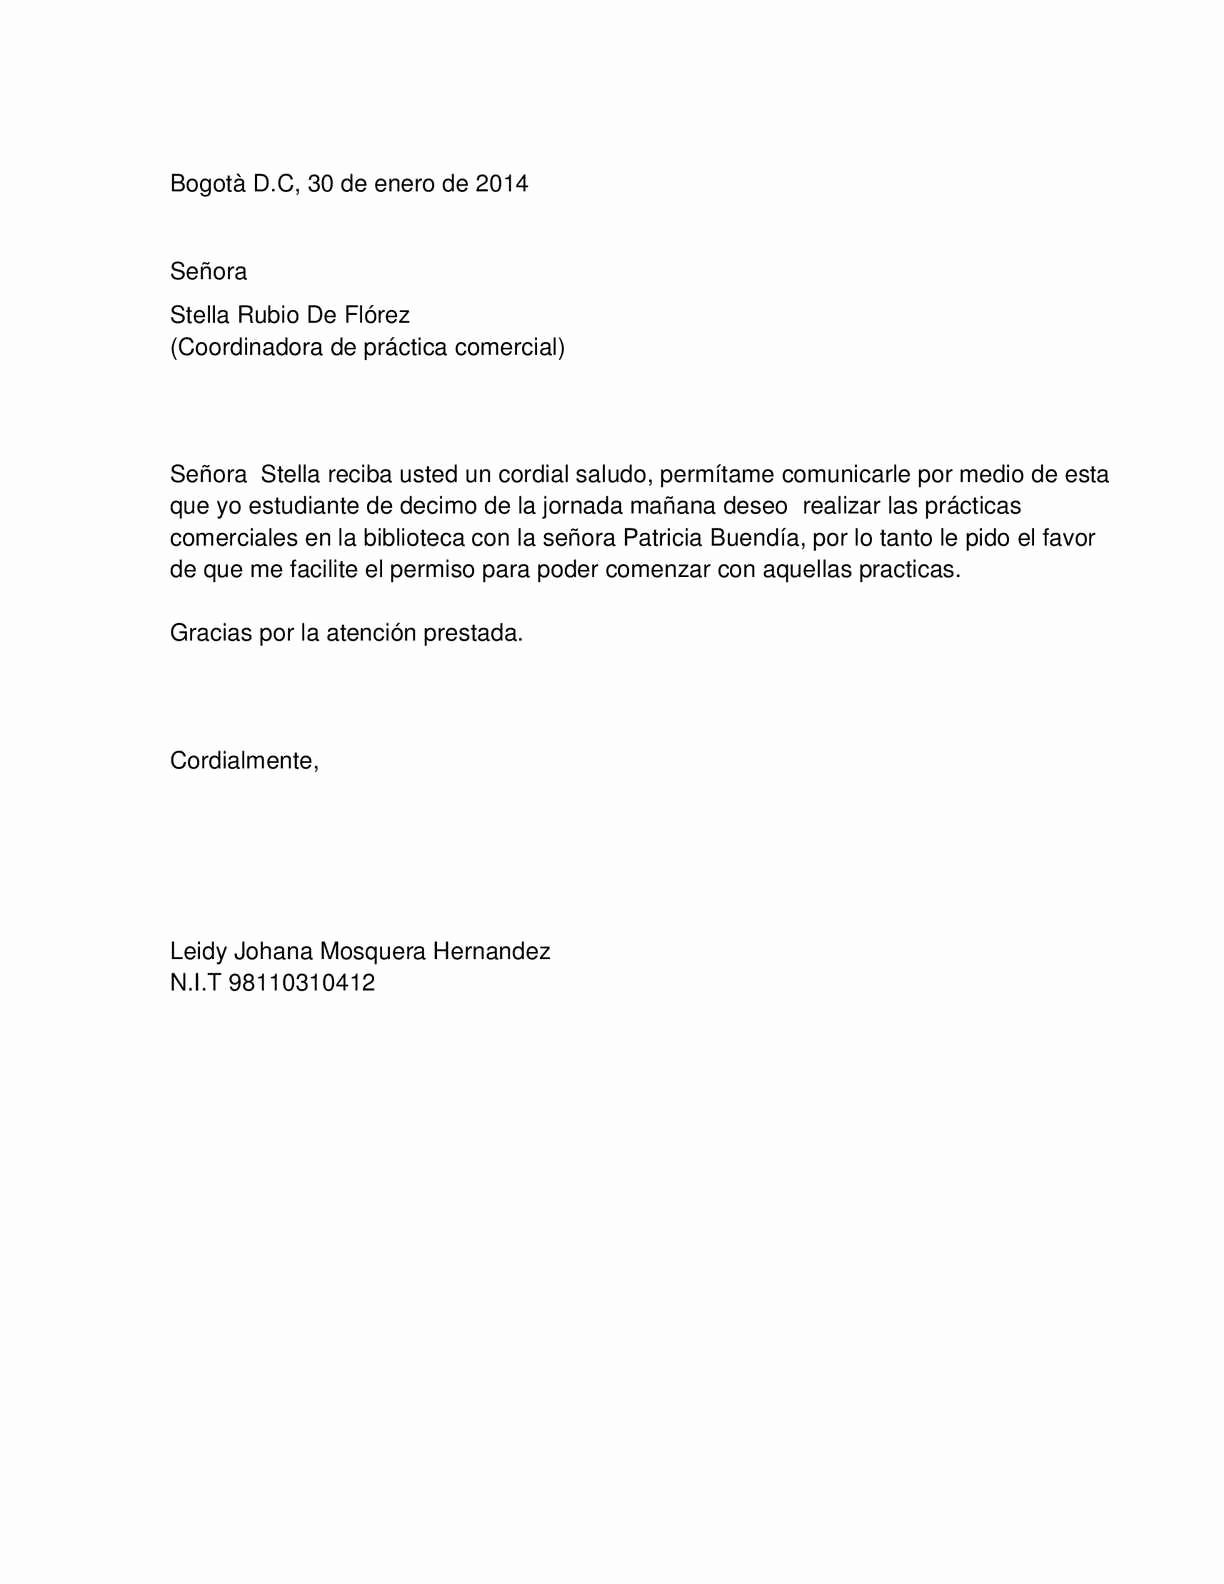 Cartas De Recomendacion Personales Ejemplos Awesome Calaméo Cartas Personales